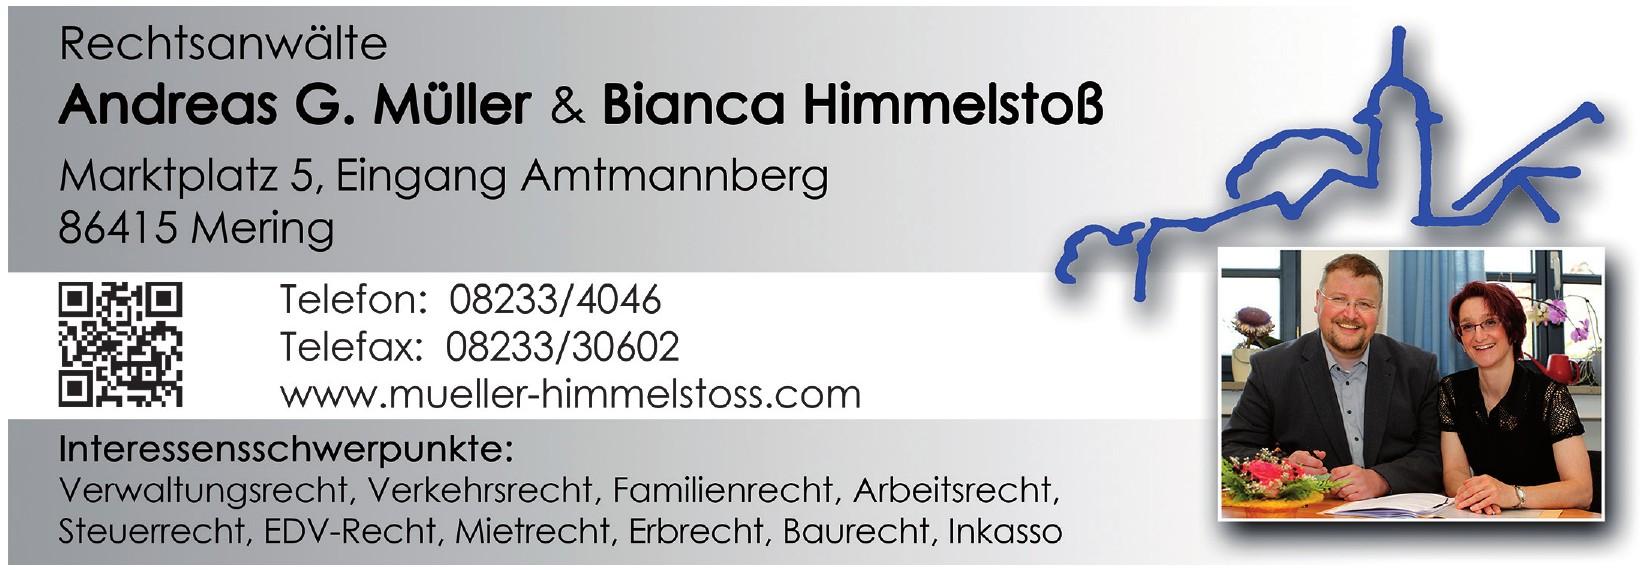 Rechtsanwälte Andreas G. Müller & Bianca Himmelstoß